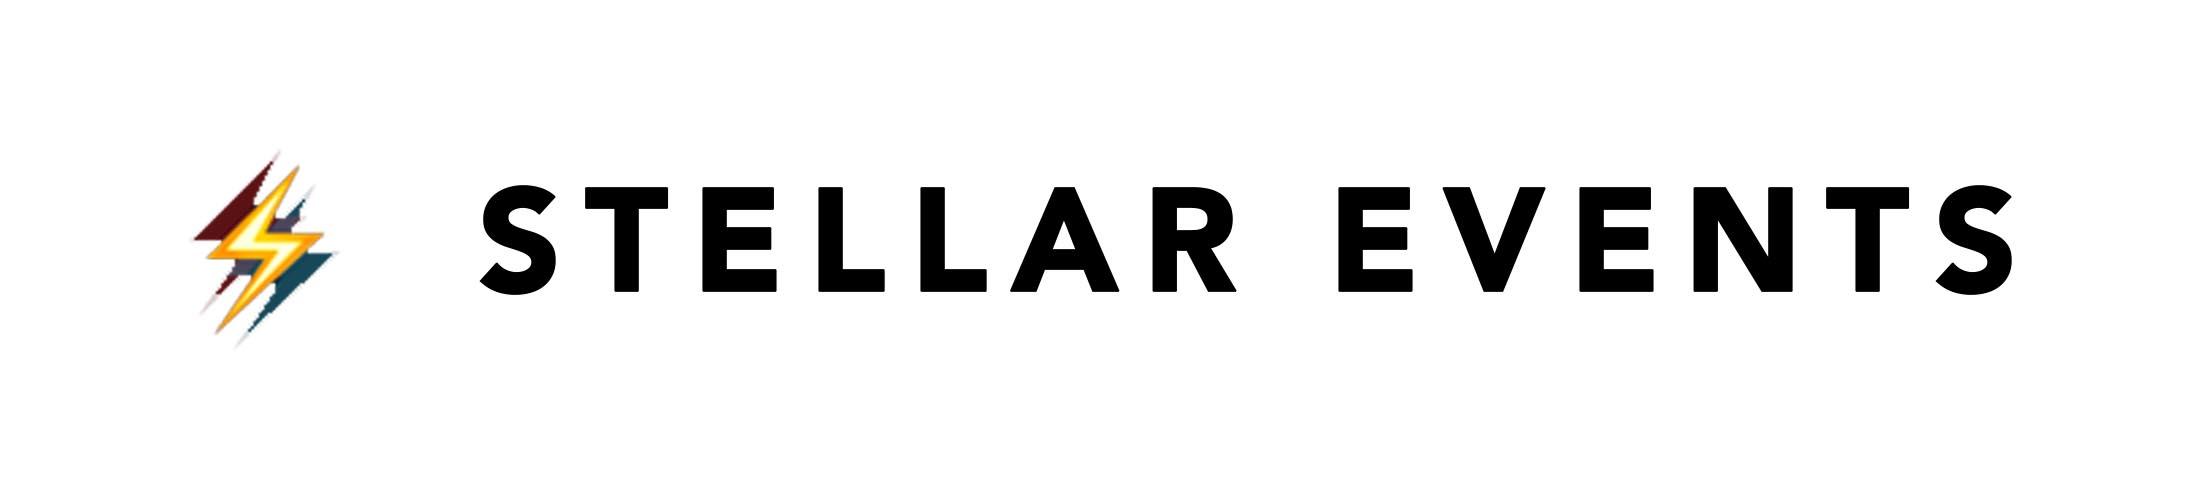 Copy of stellar logo black on white.jpg